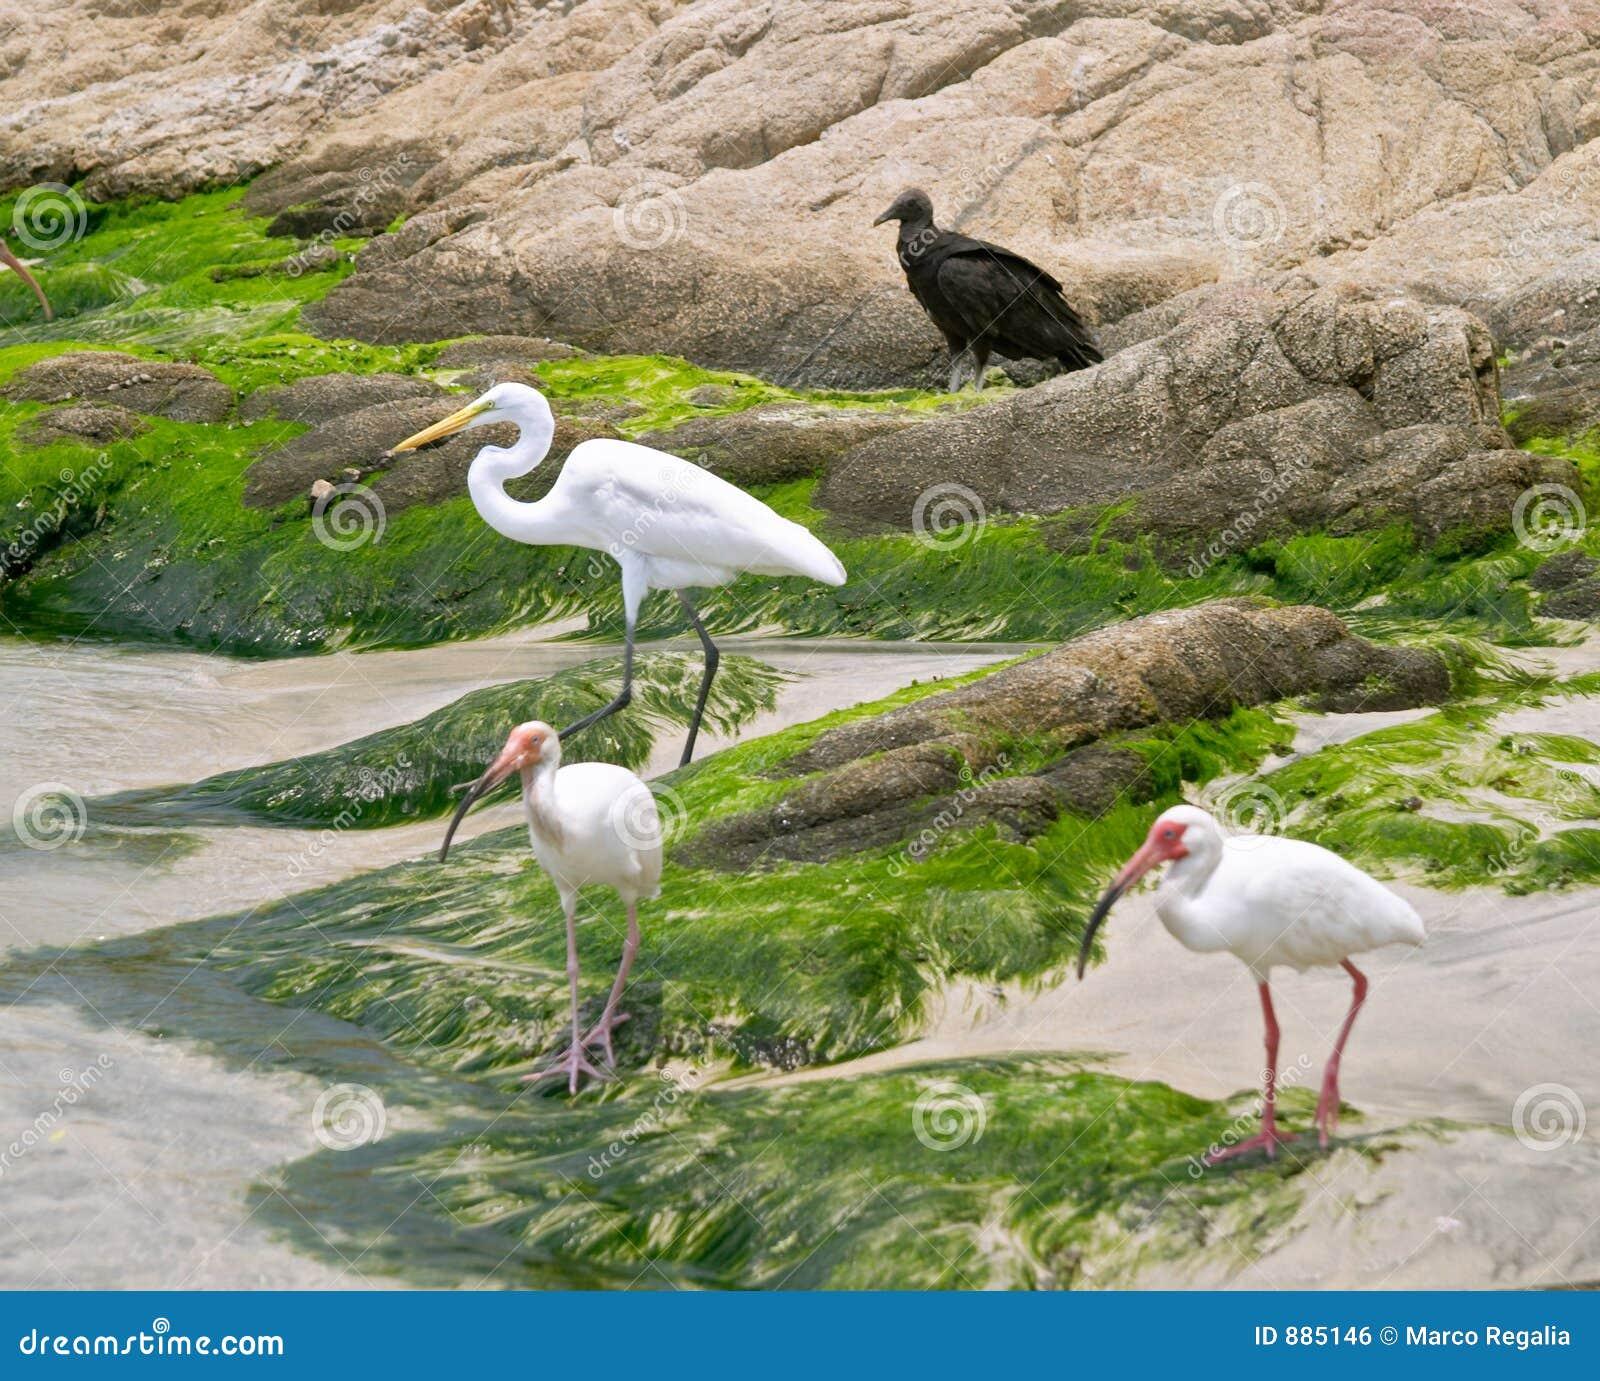 - heron ibisa white